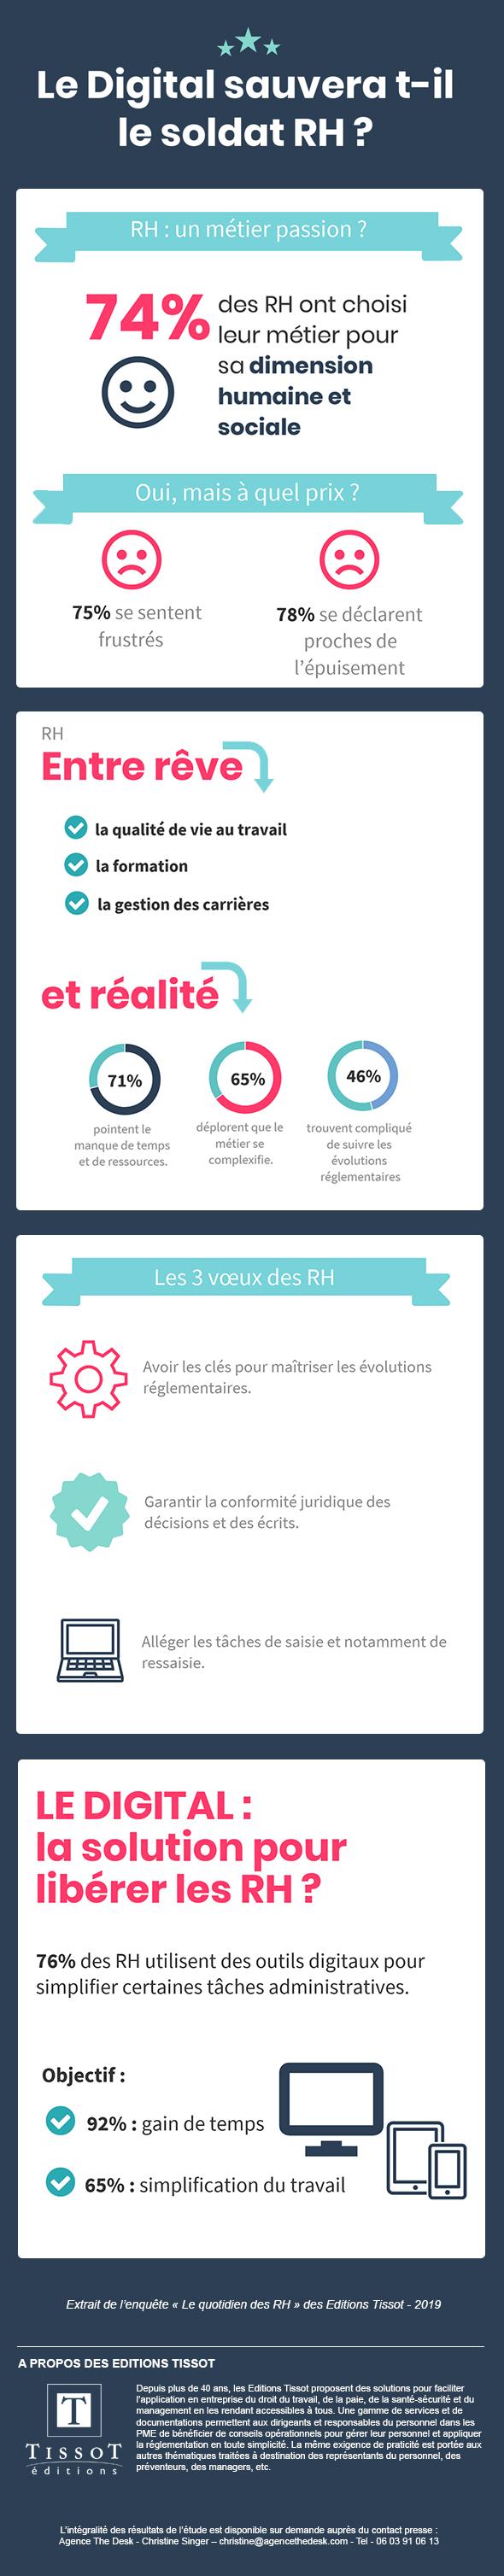 Infographie sondage : Le digital sauvera-t-il le soldat RH ?